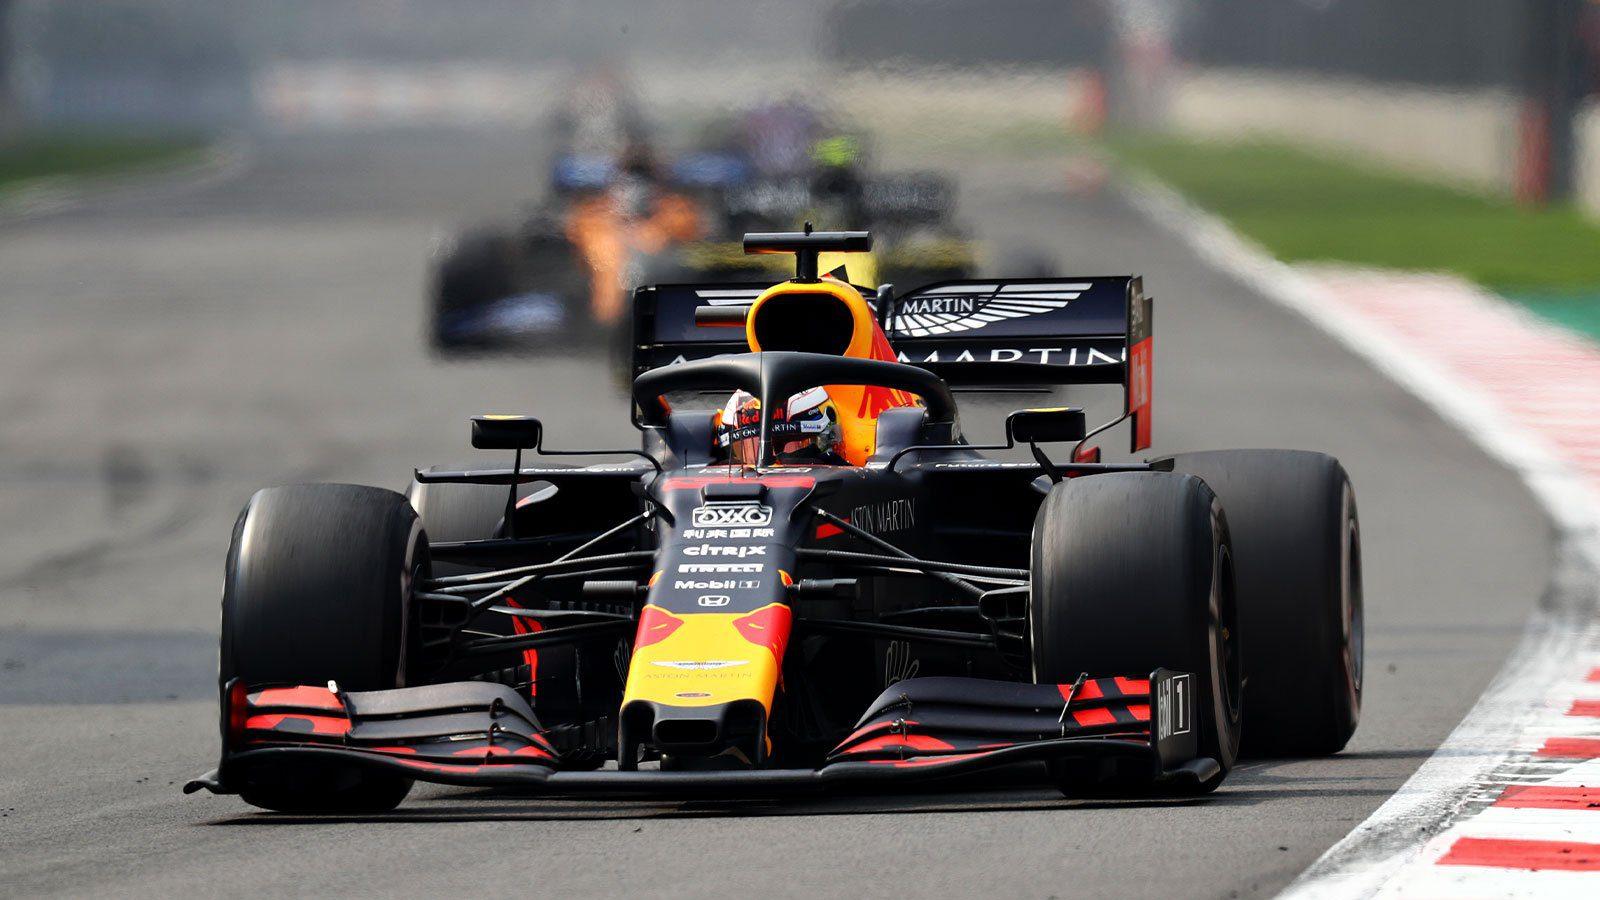 Max Verstappen pilote du jour à Mexico 3